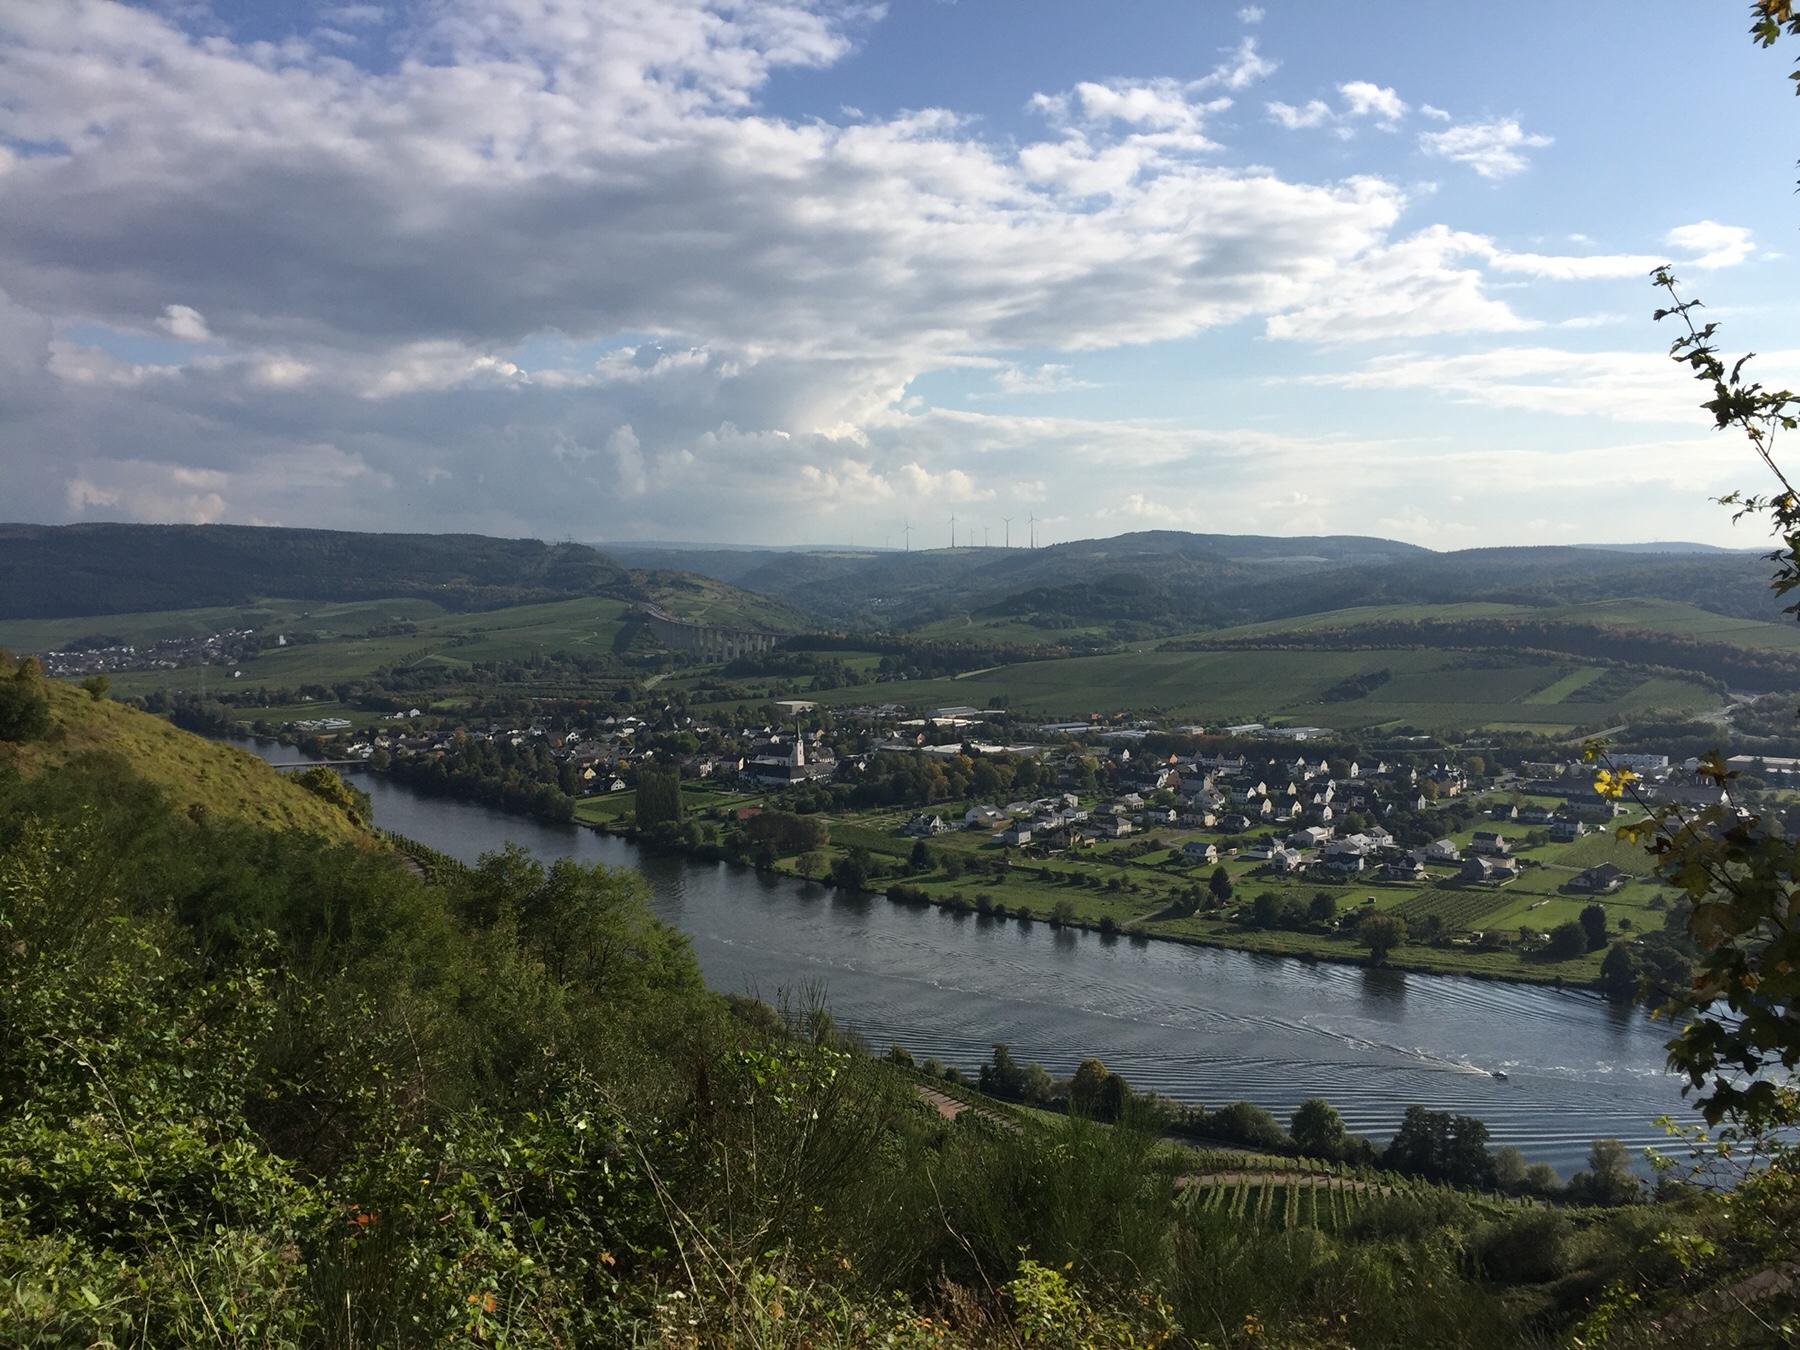 Blick auf Schweich an der Mosel, Moseljakobsweg, Etappe 6